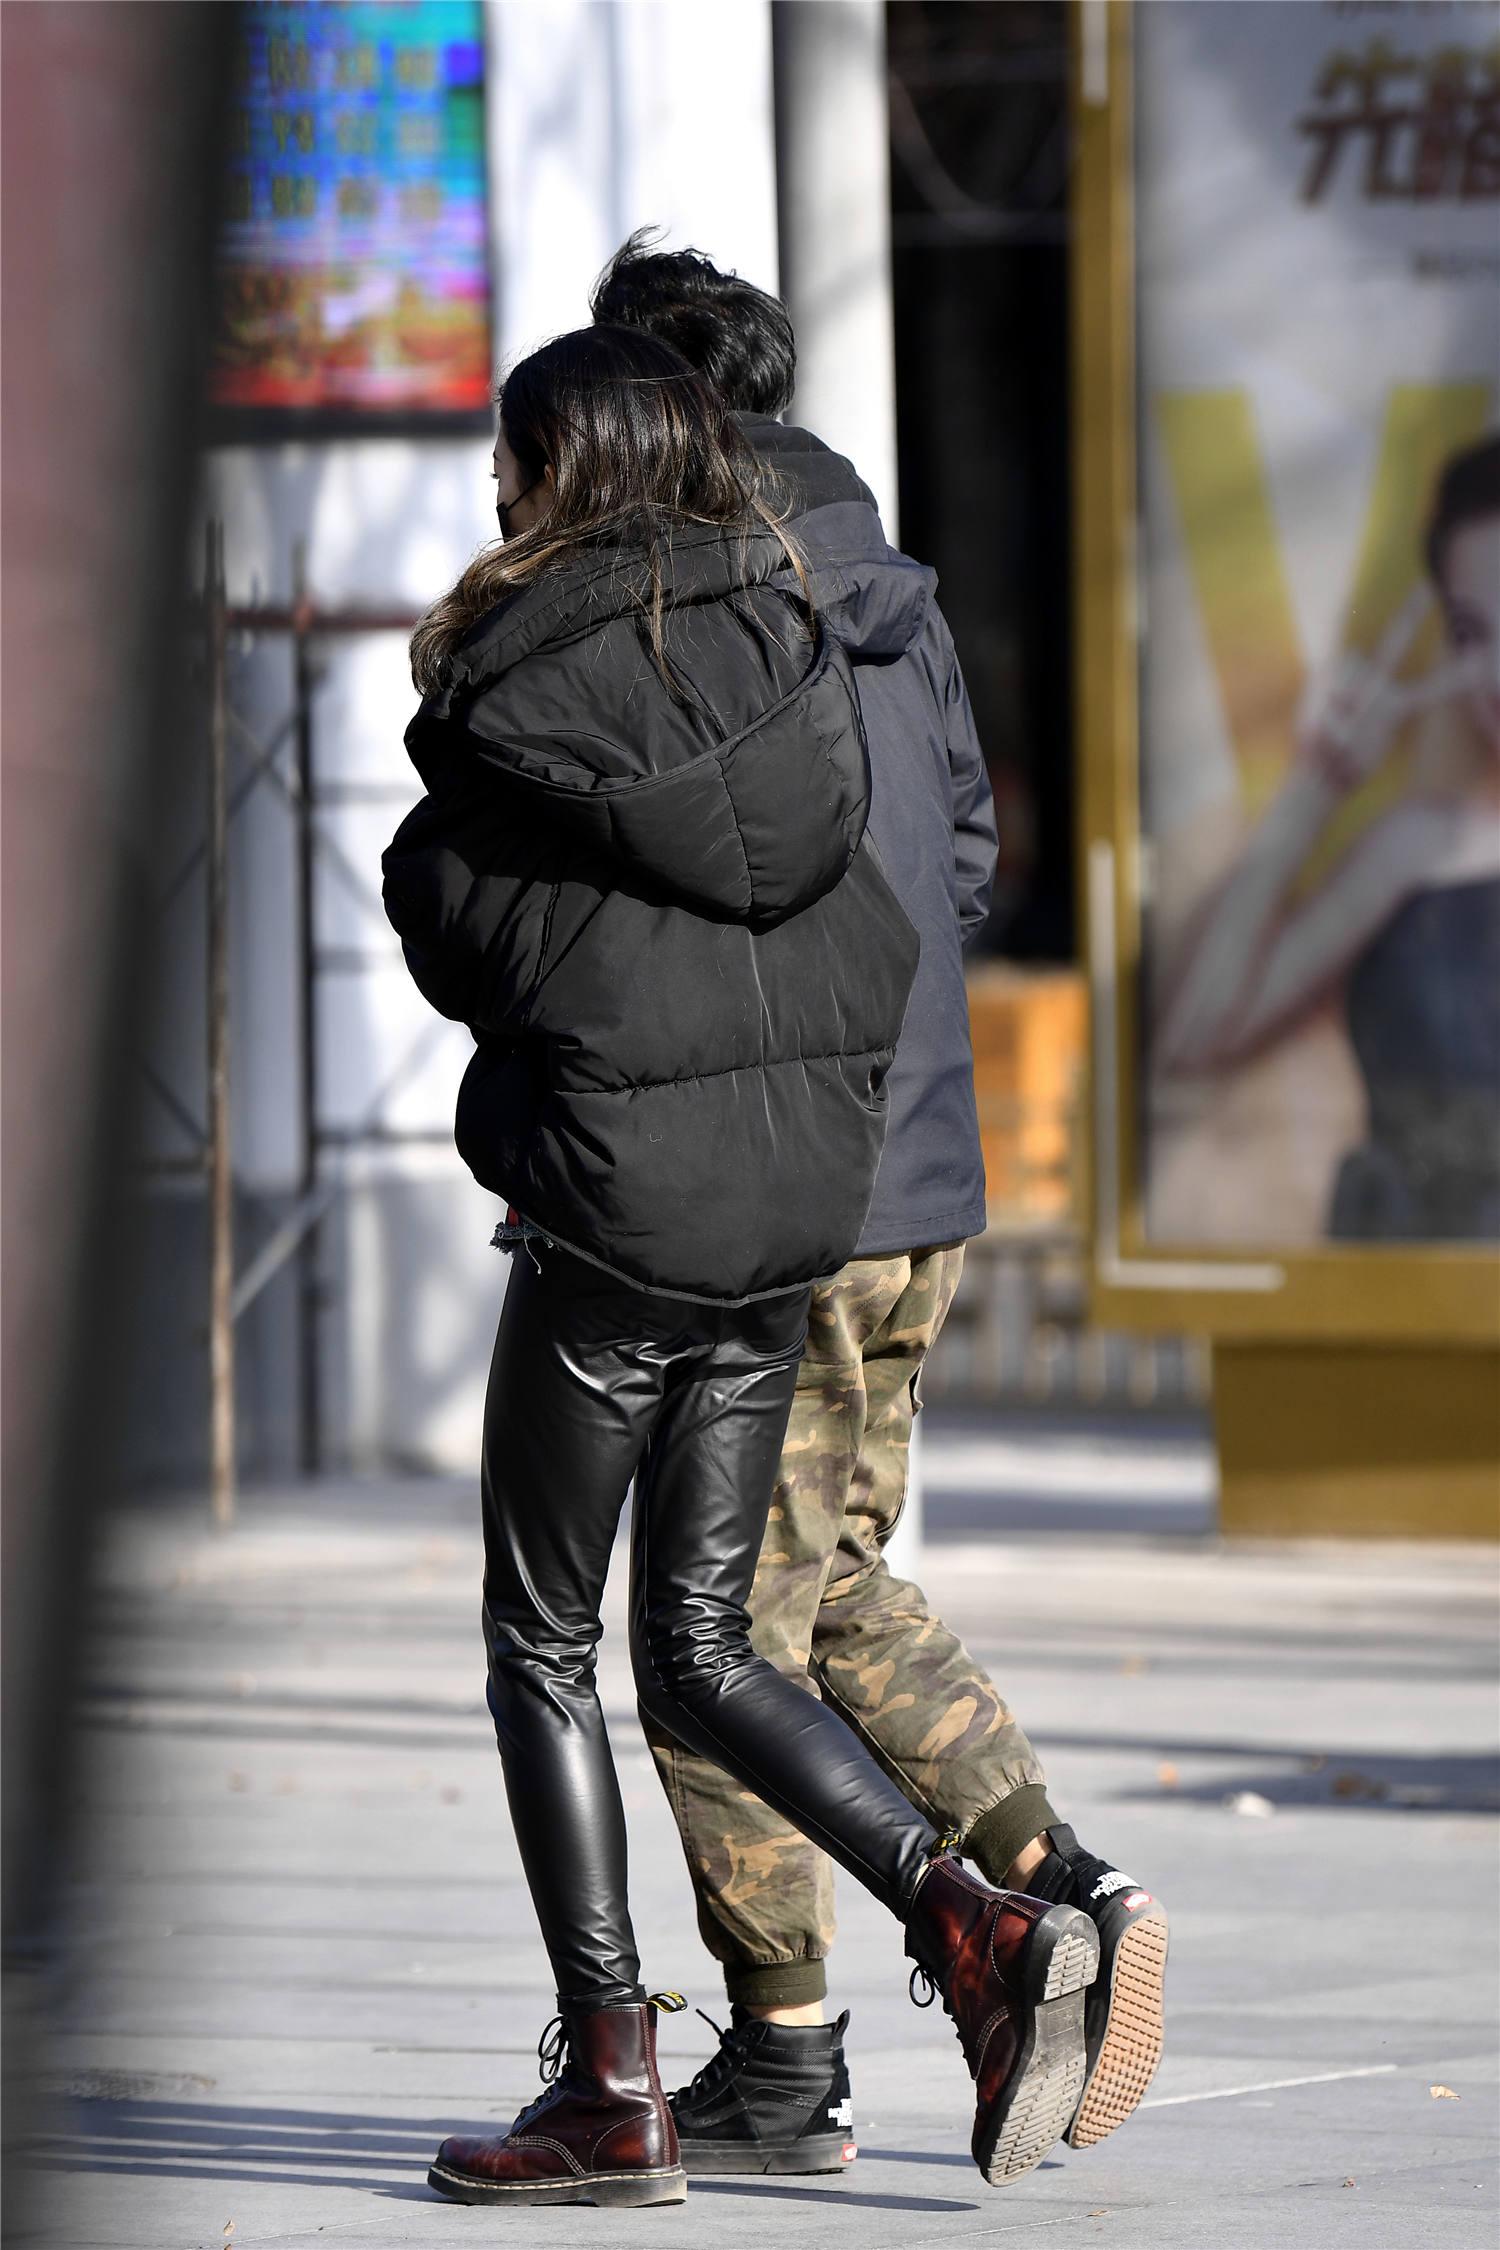 紧身裤皮搭配马丁长靴,显身材的穿搭,又有着淑女气质